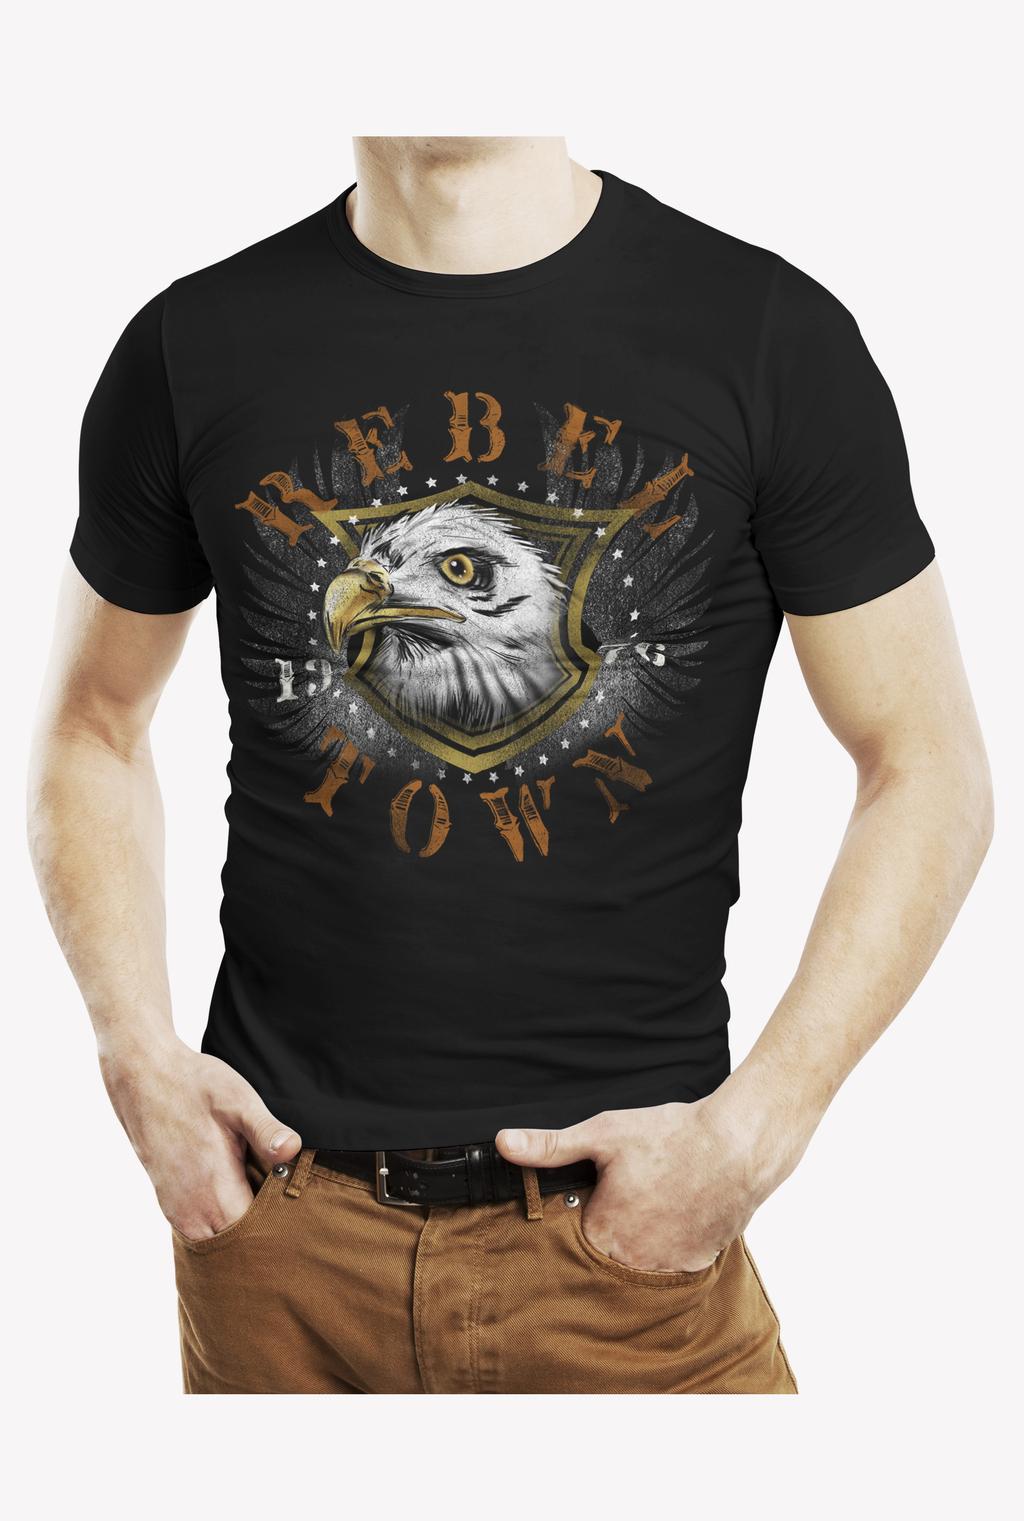 男装t恤印花图案设计欧美插画前卫图案设计素材图片